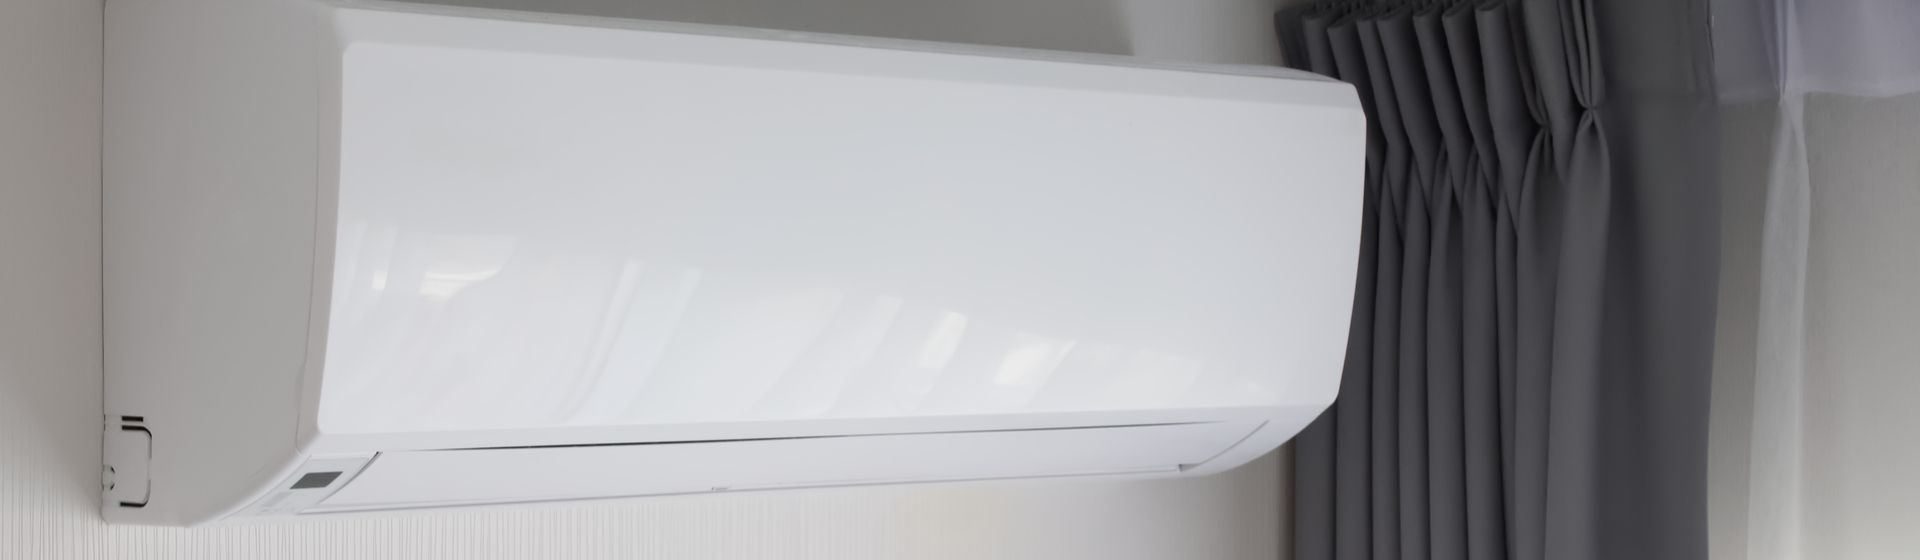 Melhores aparelhos de ar-condicionado 7.000 BTUs